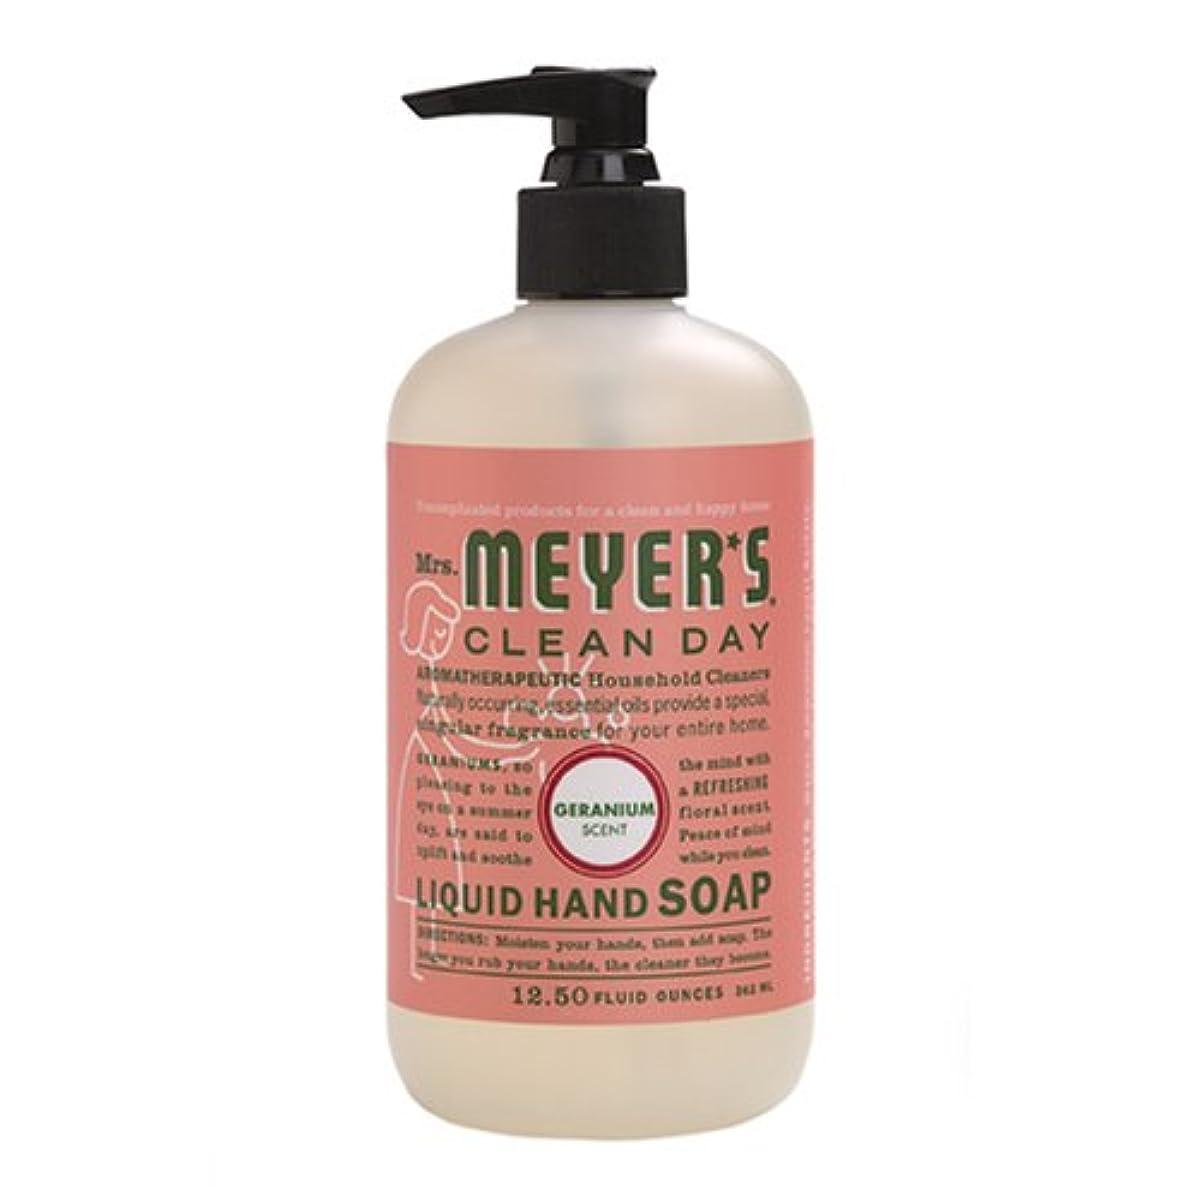 革命哲学博士アセンブリMrs. Meyers Clean Day, Liquid Hand Soap, Geranium Scent, 12.5 fl oz (370 ml)